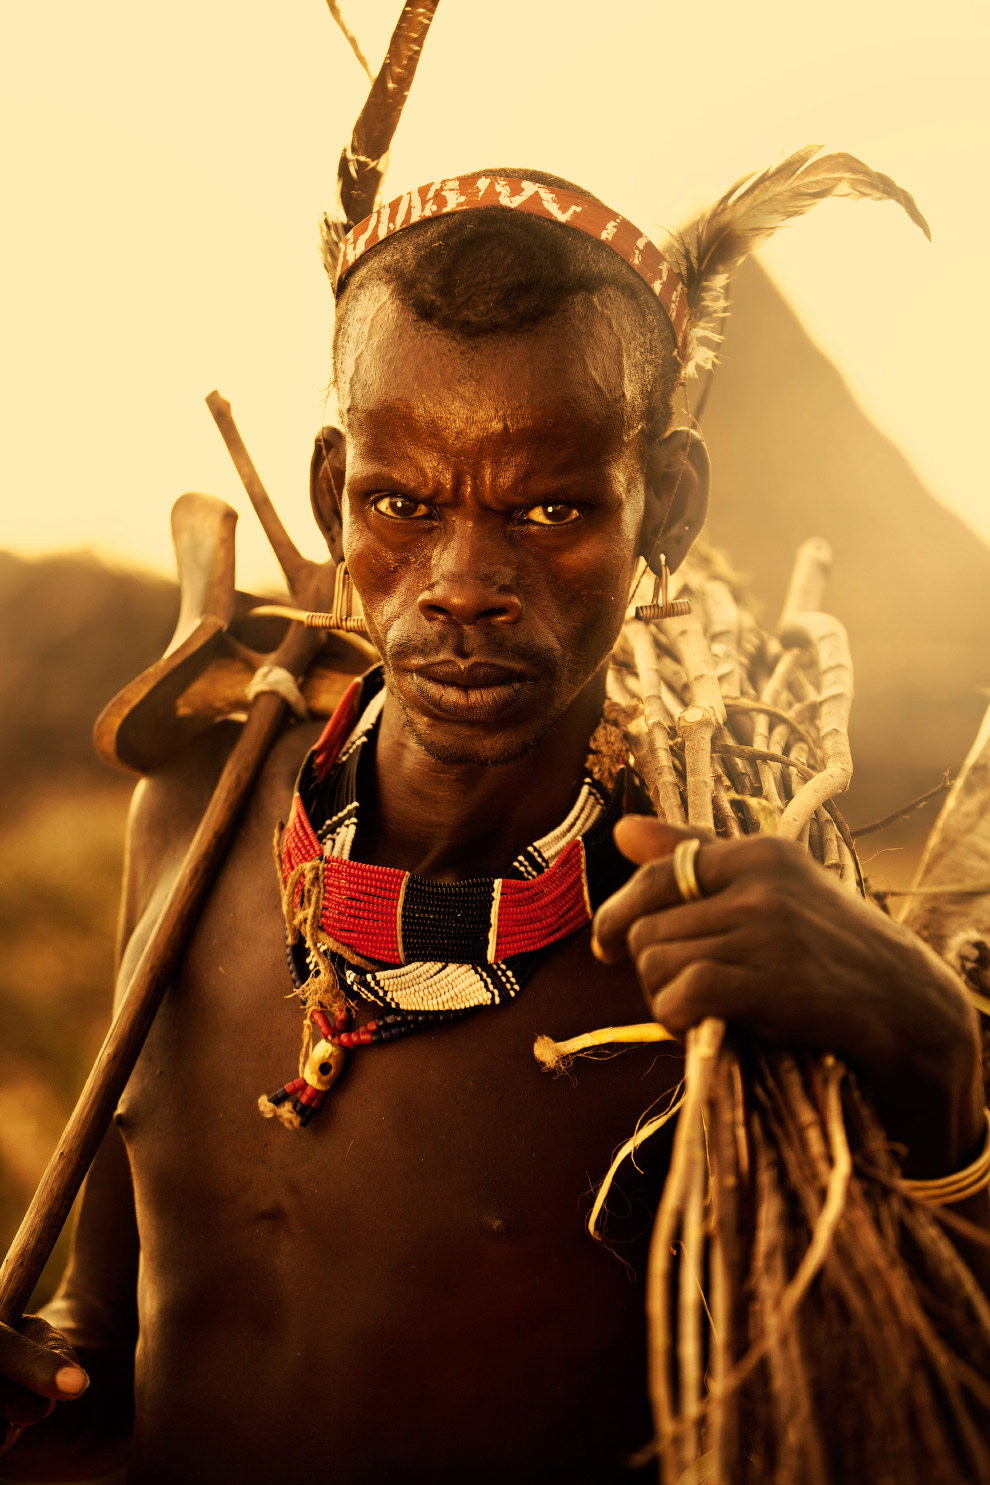 Человек собирает палки для укрепления загона для домашнего скота, Эфиопия